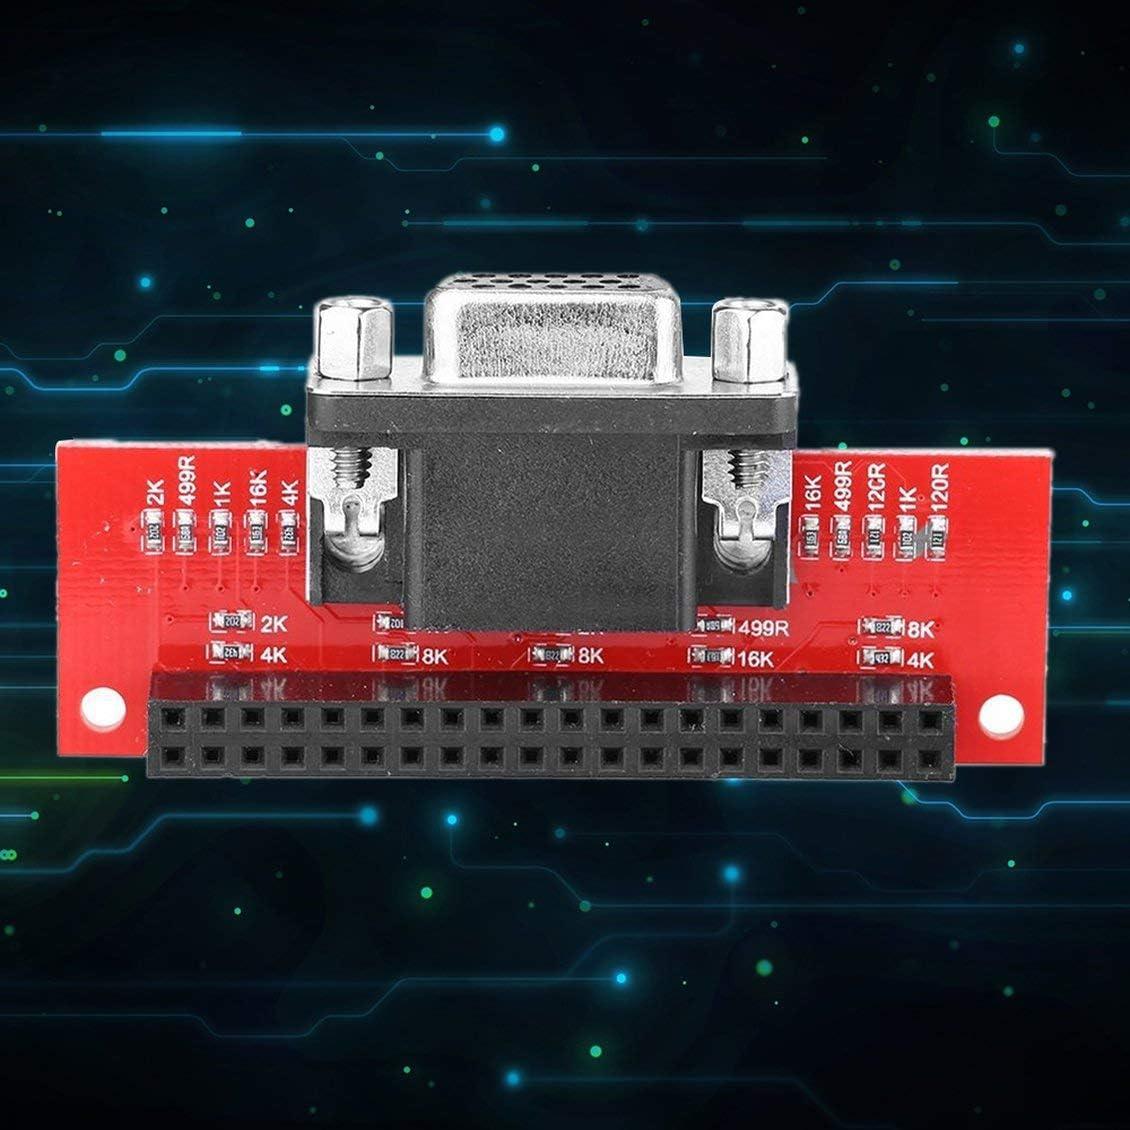 Pgige Raspberry Pi 3 G/én/ération 2 G/én/ération B Type Module Vga666 Version /étendue Adaptateur Gert-Vga Adaptateur Passif Multicolore